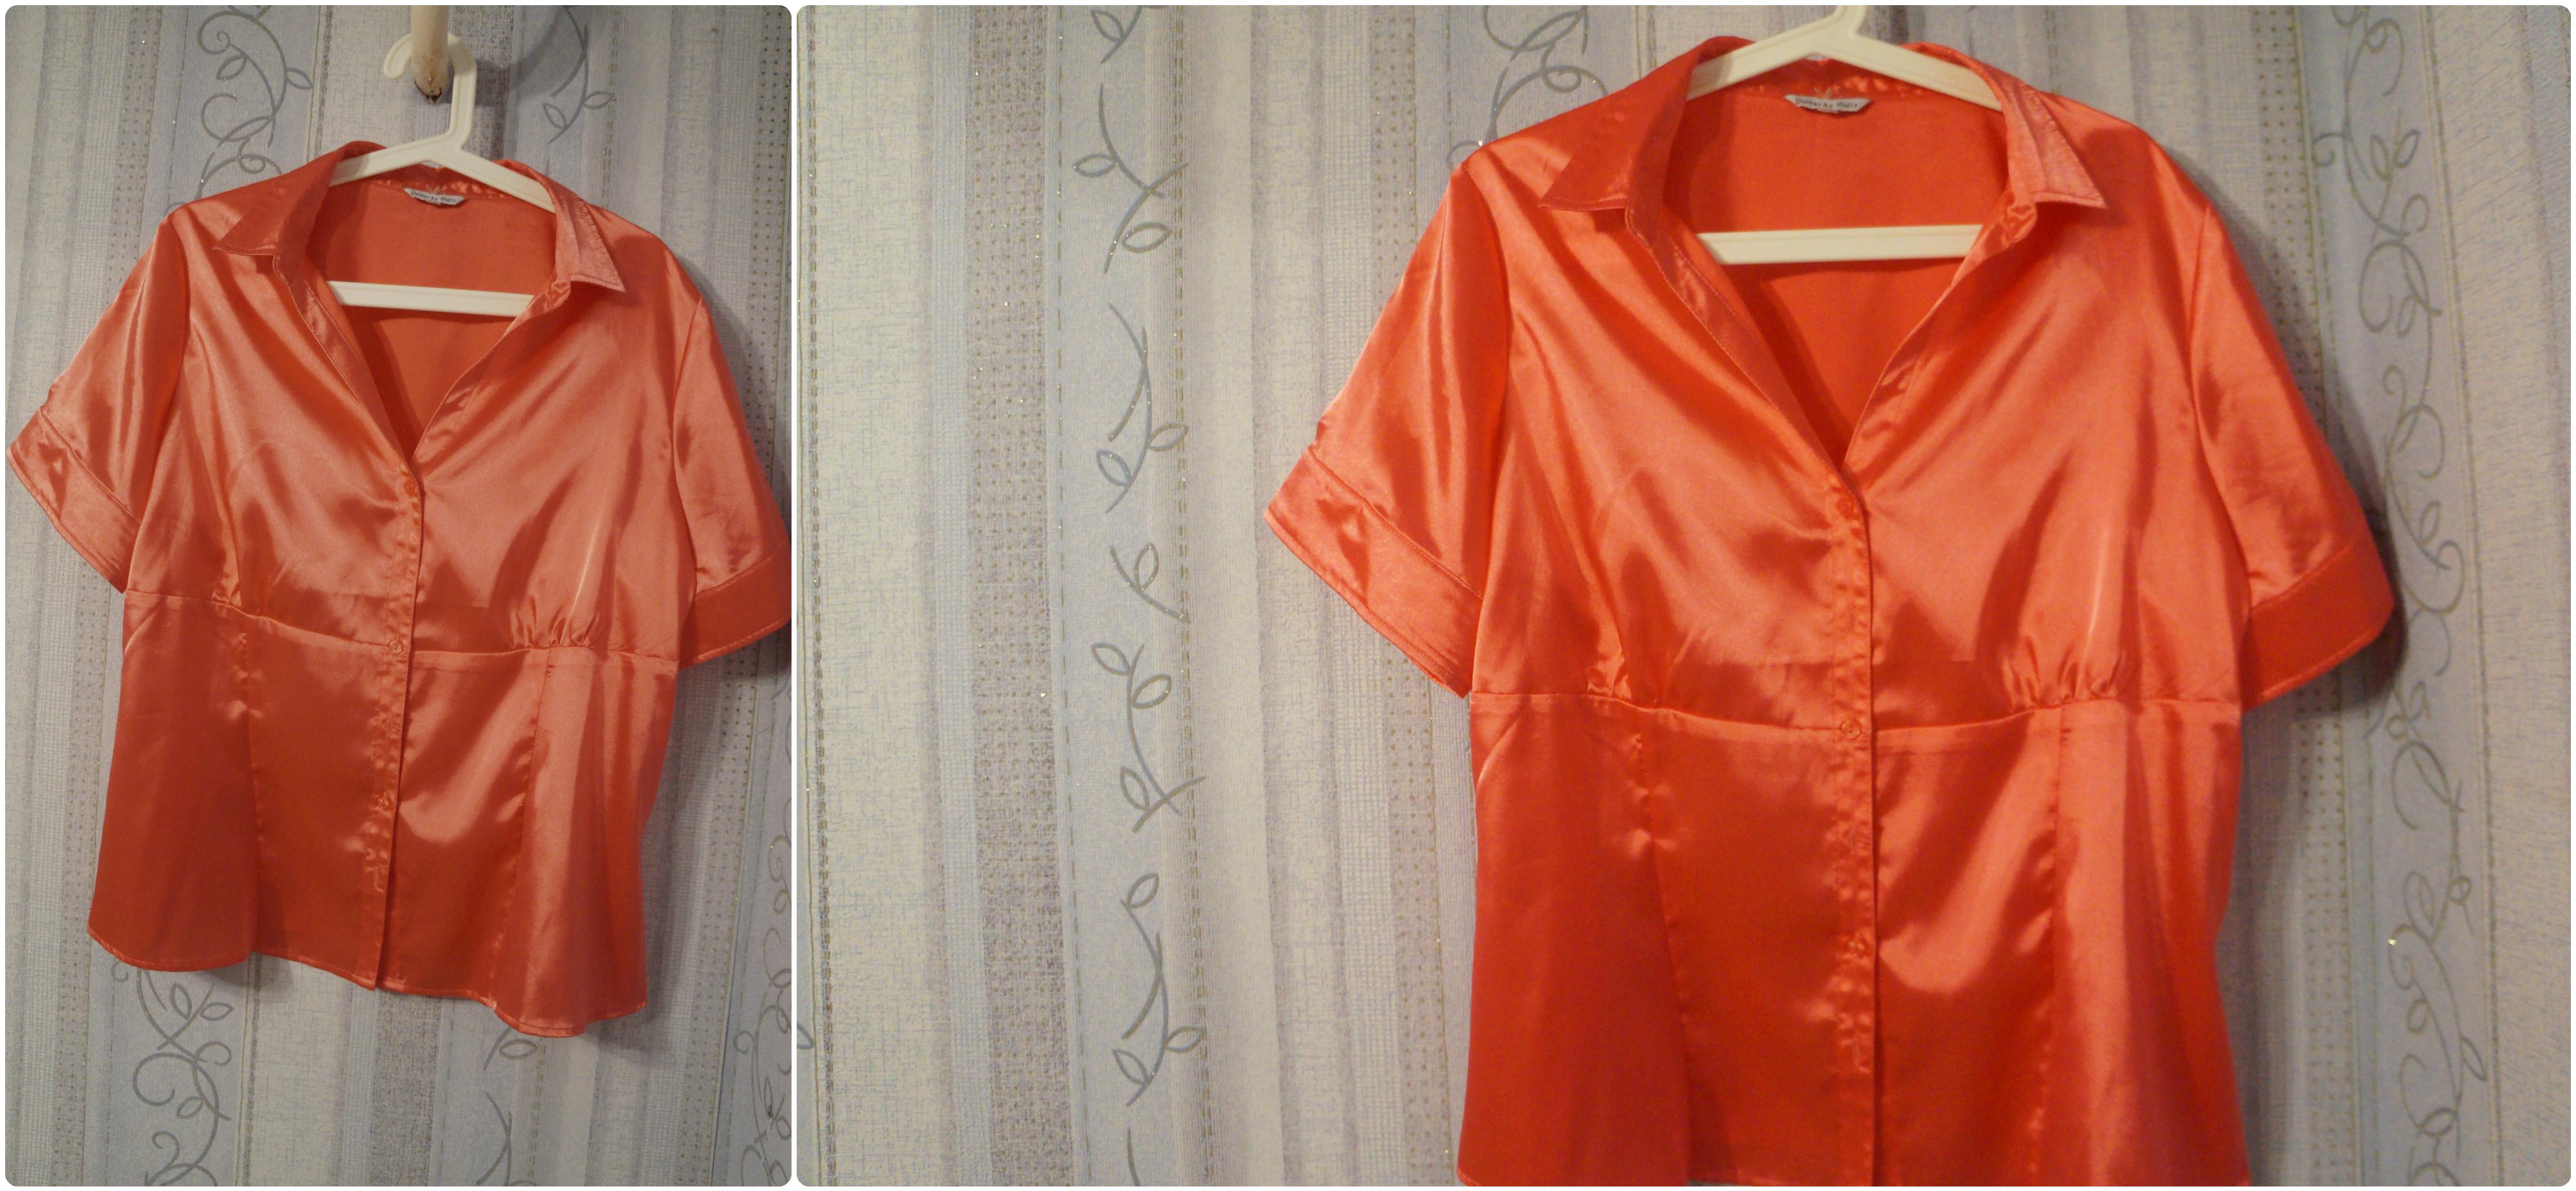 Купить Блузку 52 54 Размера